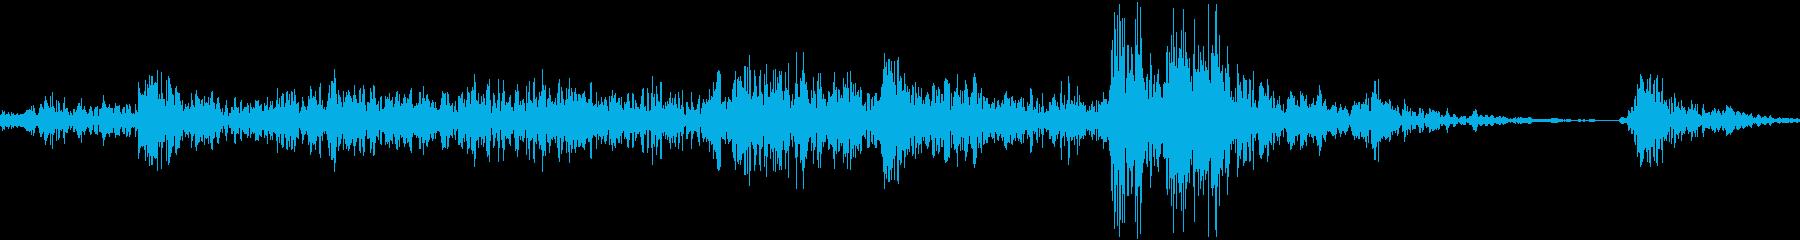 レジスターを閉める(プラスチック製)の再生済みの波形